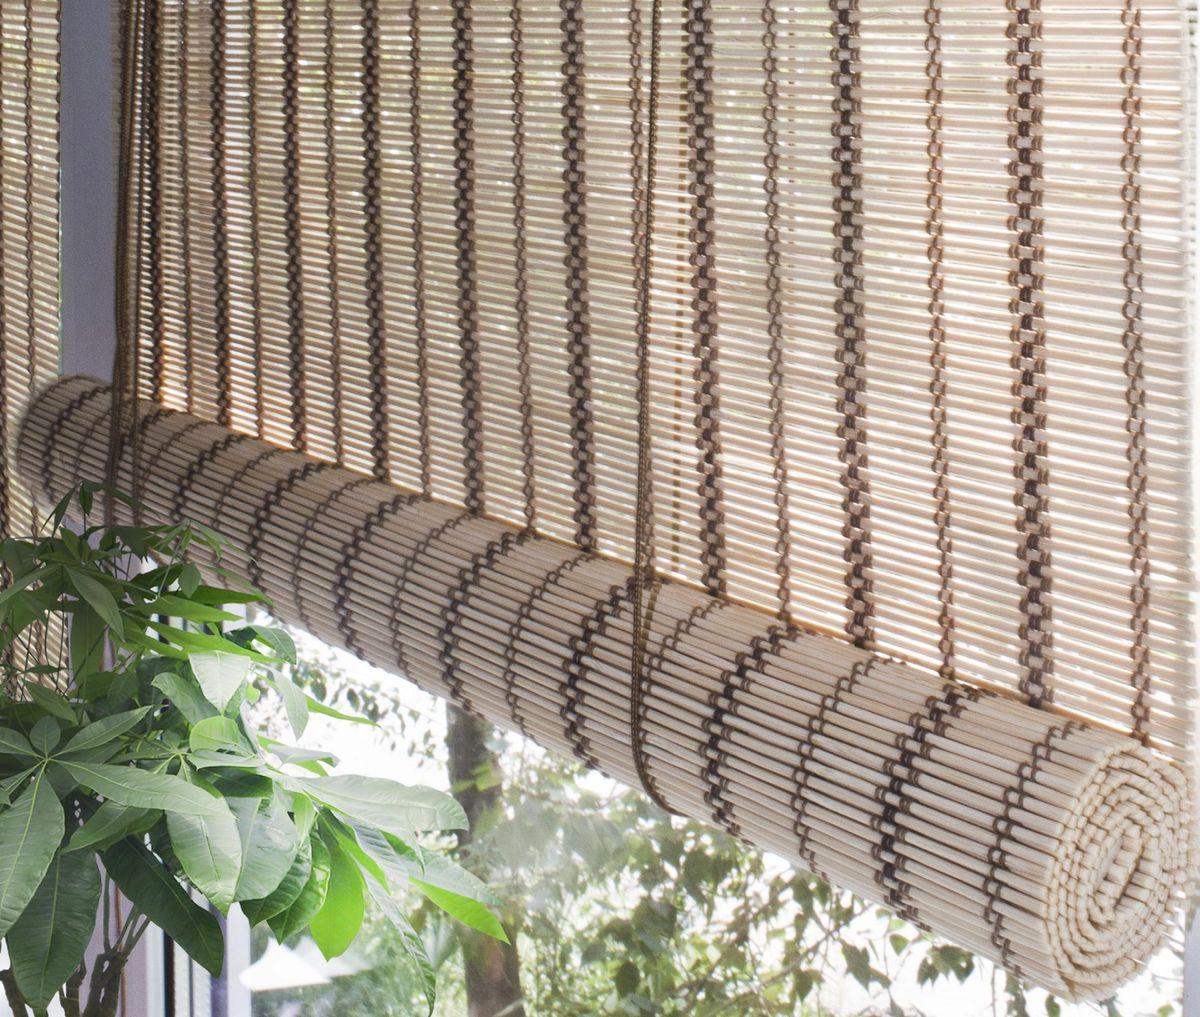 Штора рулонная Эскар Бамбук, цвет: песочный, ширина 100 см, высота 160 см70141100160При оформлении интерьера современных помещений многие отдают предпочтение природным материалам. Бамбуковые рулонные шторы - одно из натуральных изделий, способное сделать атмосферу помещения более уютной и в то же время необычной. Свойства бамбука уникальны: он экологически чист, так как быстро вырастает, благодаря чему не успевает накопить вредные вещества из окружающей среды. Кроме того, растение обладает противомикробным и антибактериальным действием. Занавеси из бамбука безопасно использовать в помещениях, где находятся новорожденные дети и люди, склонные к аллергии. Они незаменимы для тех, кто заботится о своем здоровье и уделяет внимание высокому уровню жизни. Бамбуковые рулонные шторы представляют собой полотно, состоящее из тонких бамбуковых стеблей и сворачиваемое в рулон. Римские бамбуковые шторы, как и тканевые римские шторы, при поднятии образуют крупные складки, которые прекрасно декорируют окно. Особенность устройства полотна позволяет свободно пропускать...